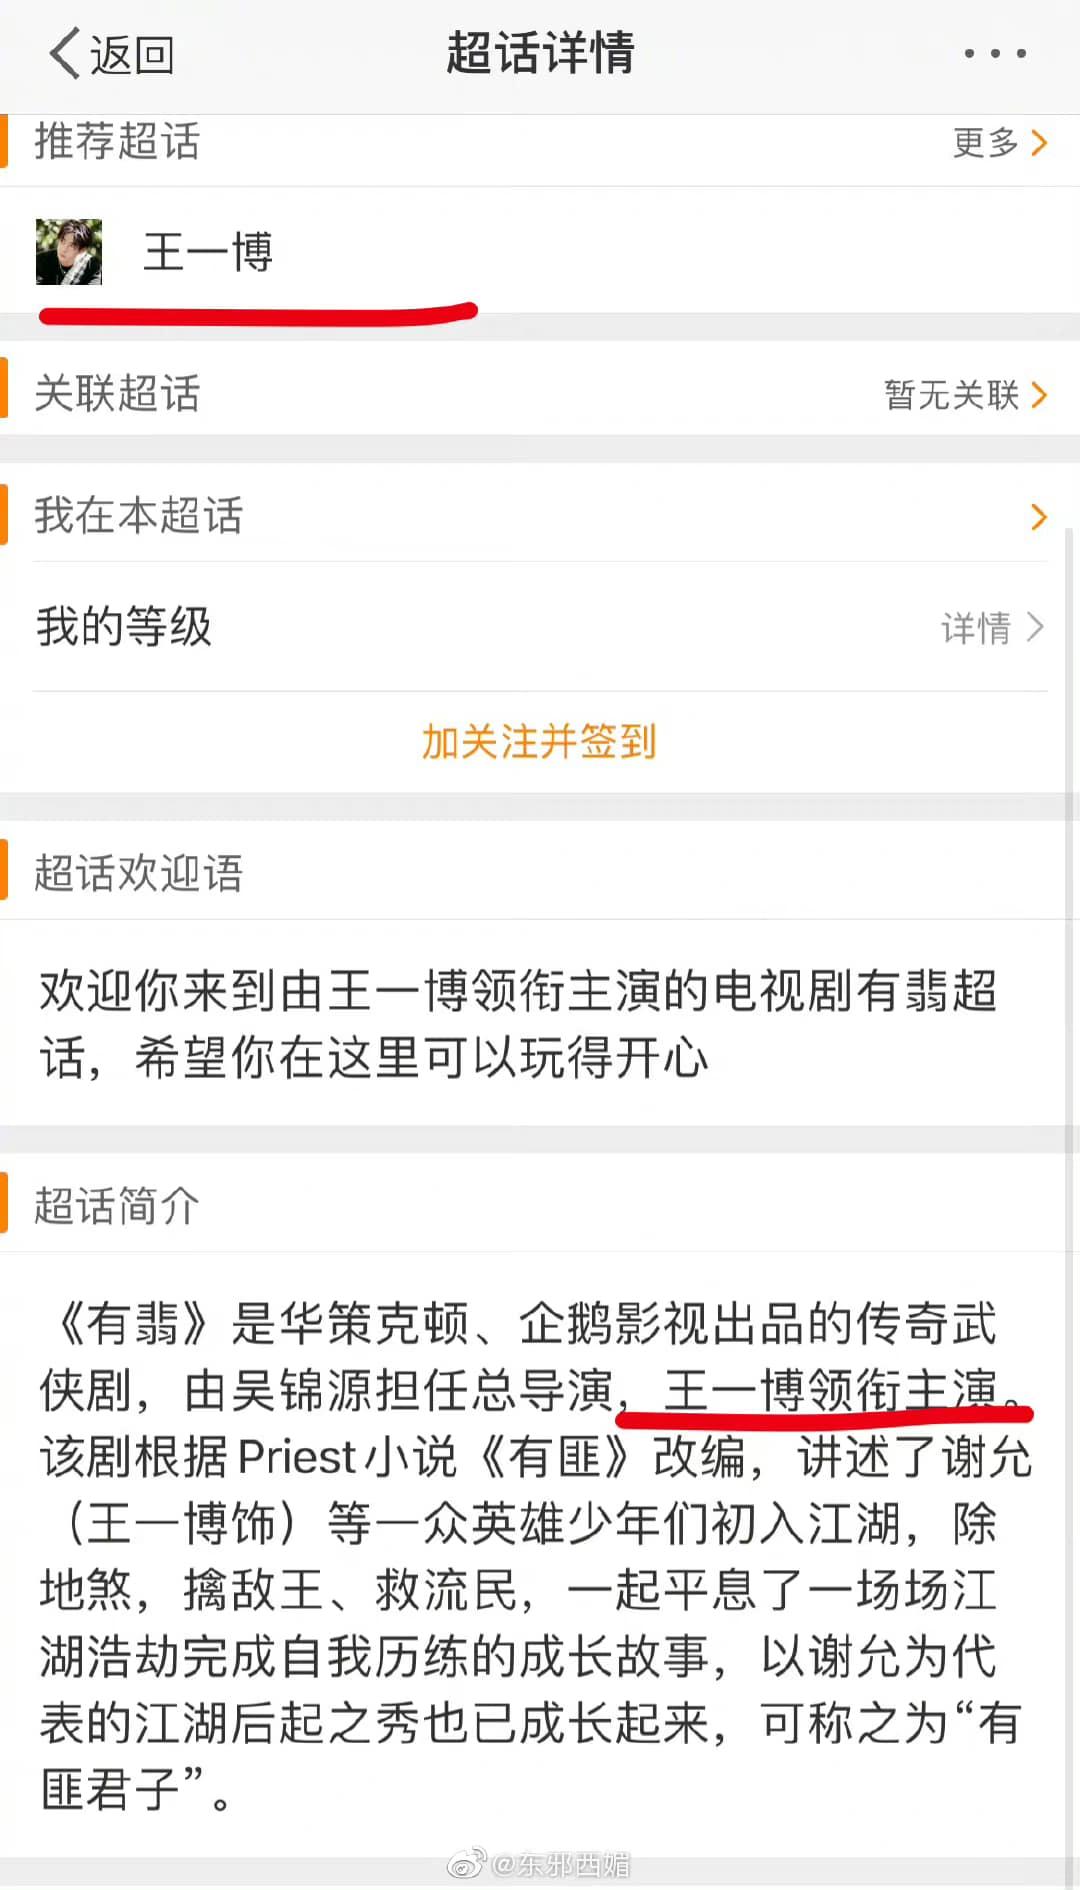 Triệu Lệ Dĩnh bị 'xóa sổ' khỏi siêu thoại Hữu Phỉ, netizen réo tên 'nhà kia' vì dám dở mưu hèn kế bẩn 3